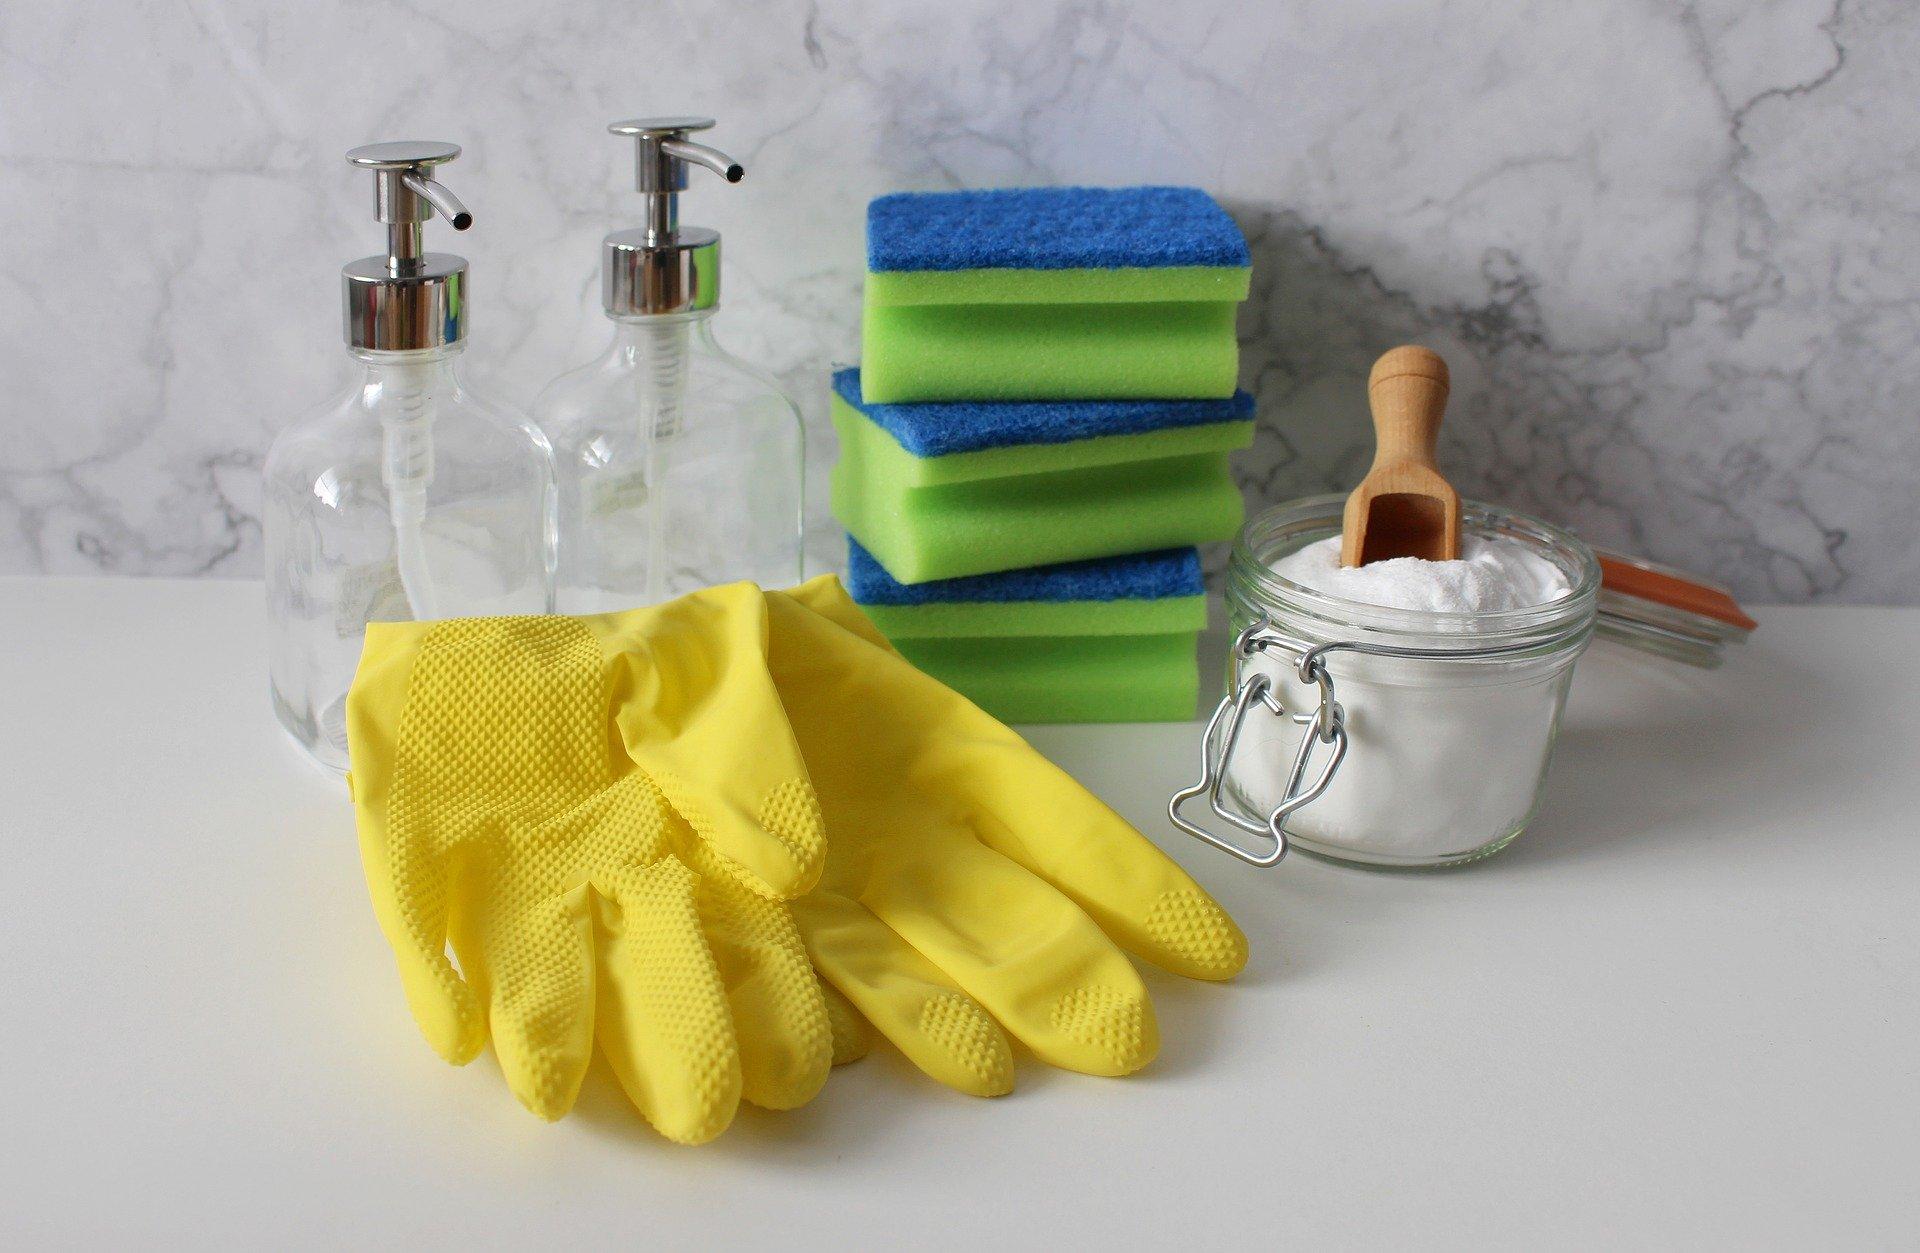 Foto de vários acessórios de limpeza, como luvas, esponjas e afins. Imagem ilustrativa para o texto limpeza de carpetes.